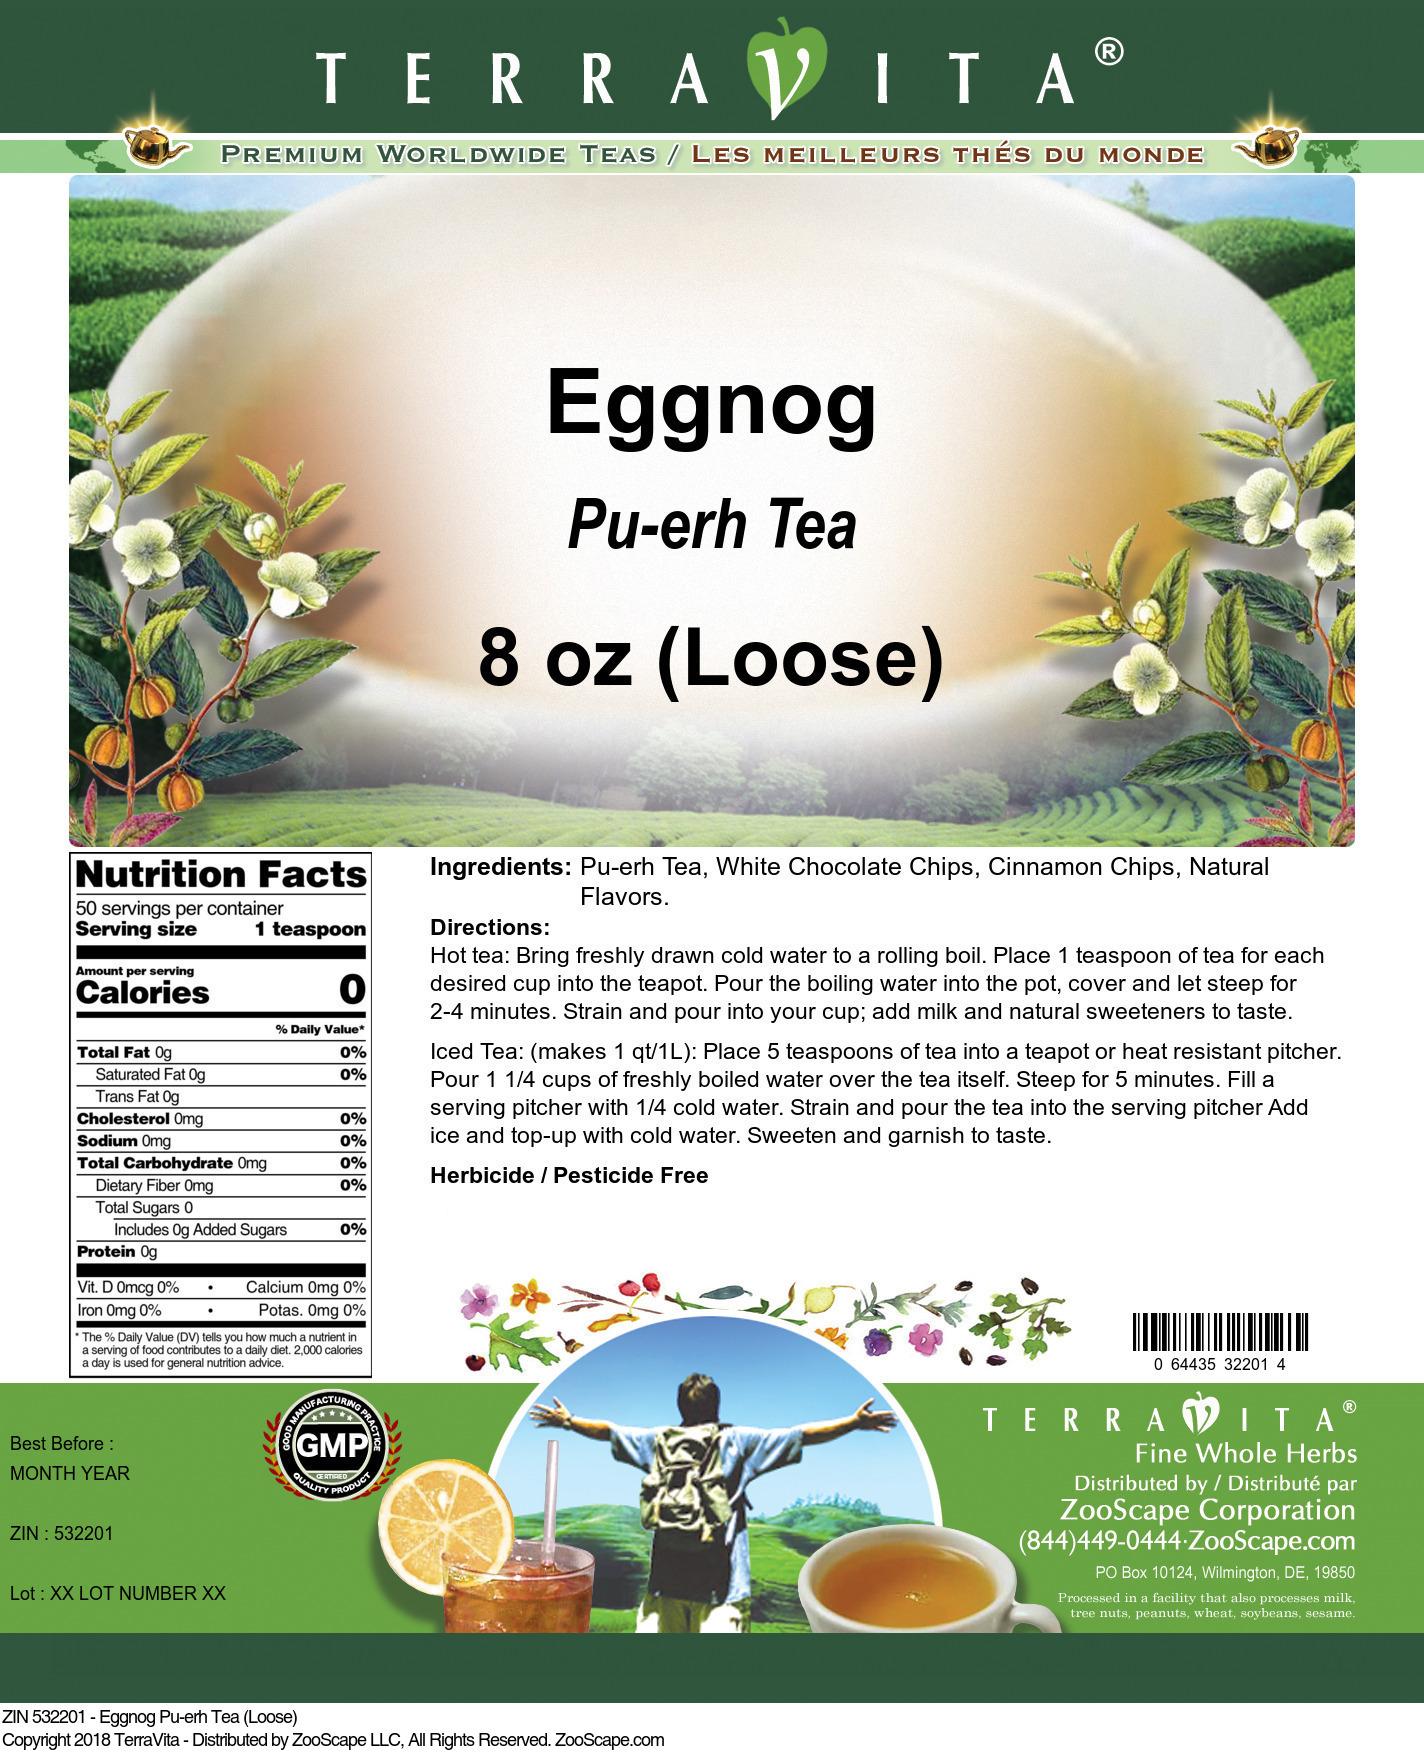 Eggnog Pu-erh Tea (Loose)